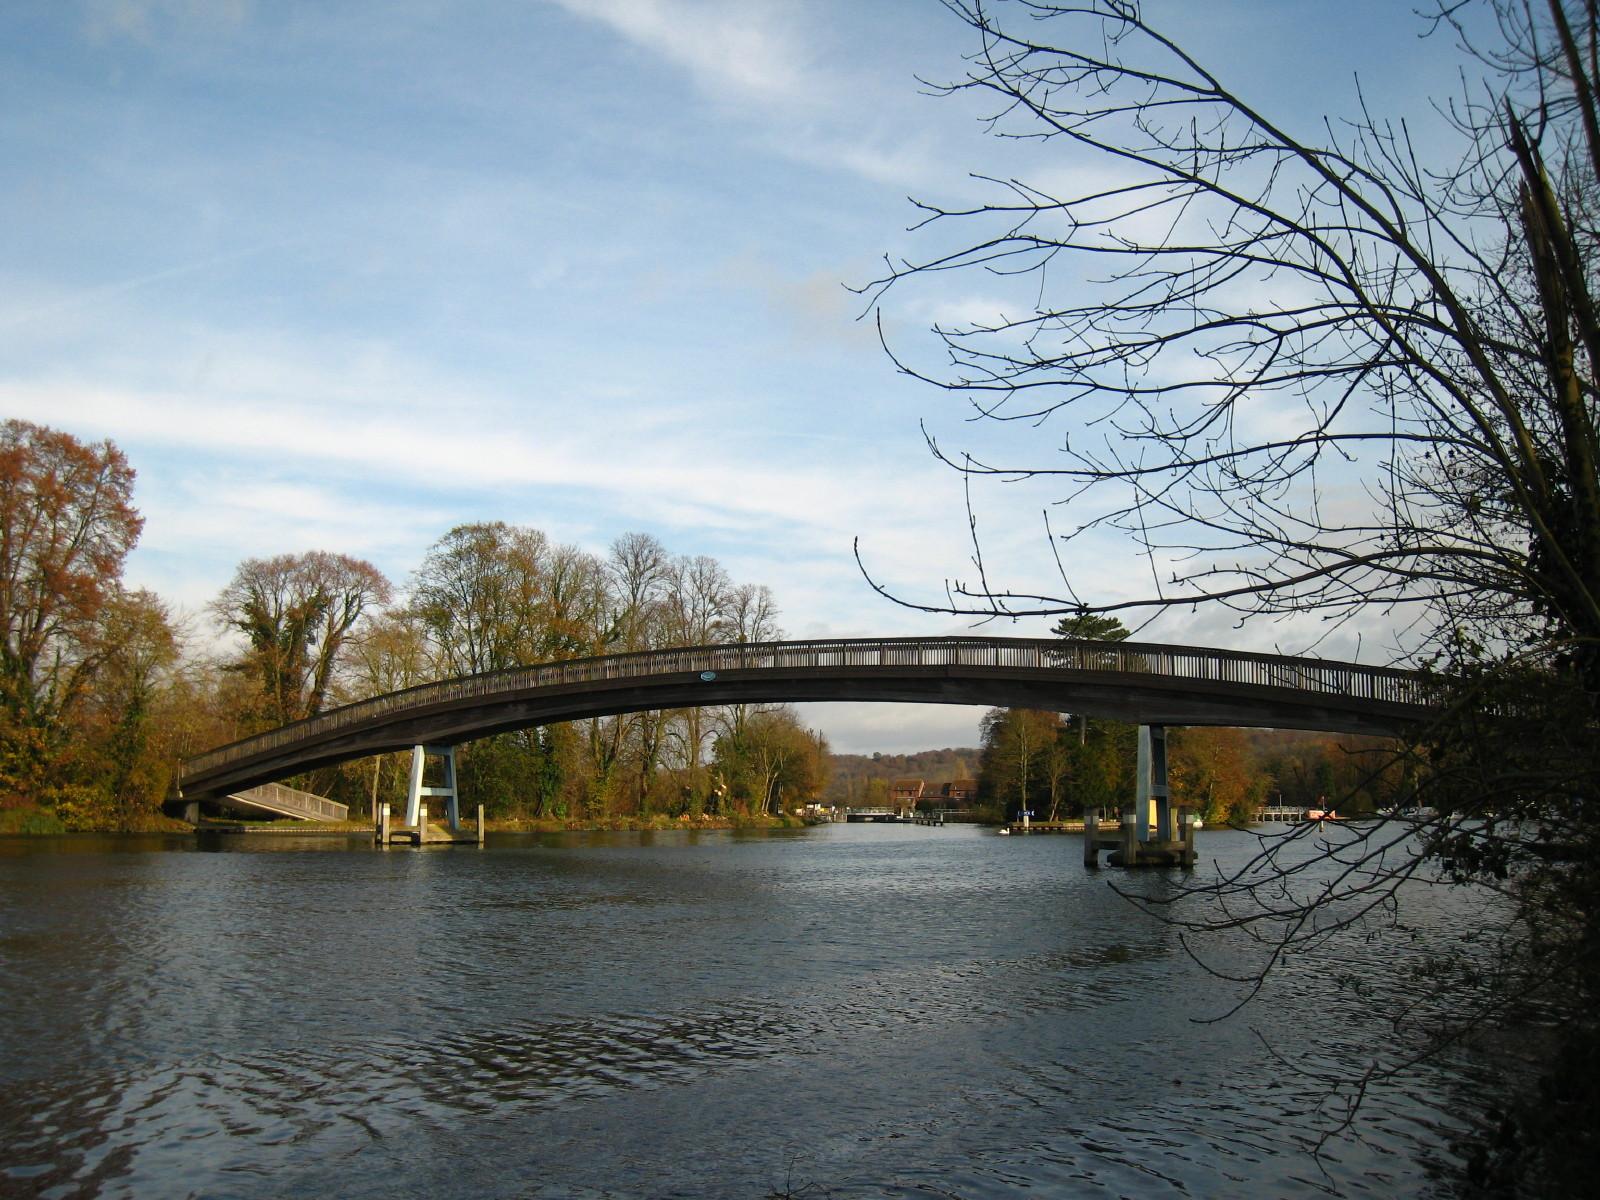 end error of metre bridge